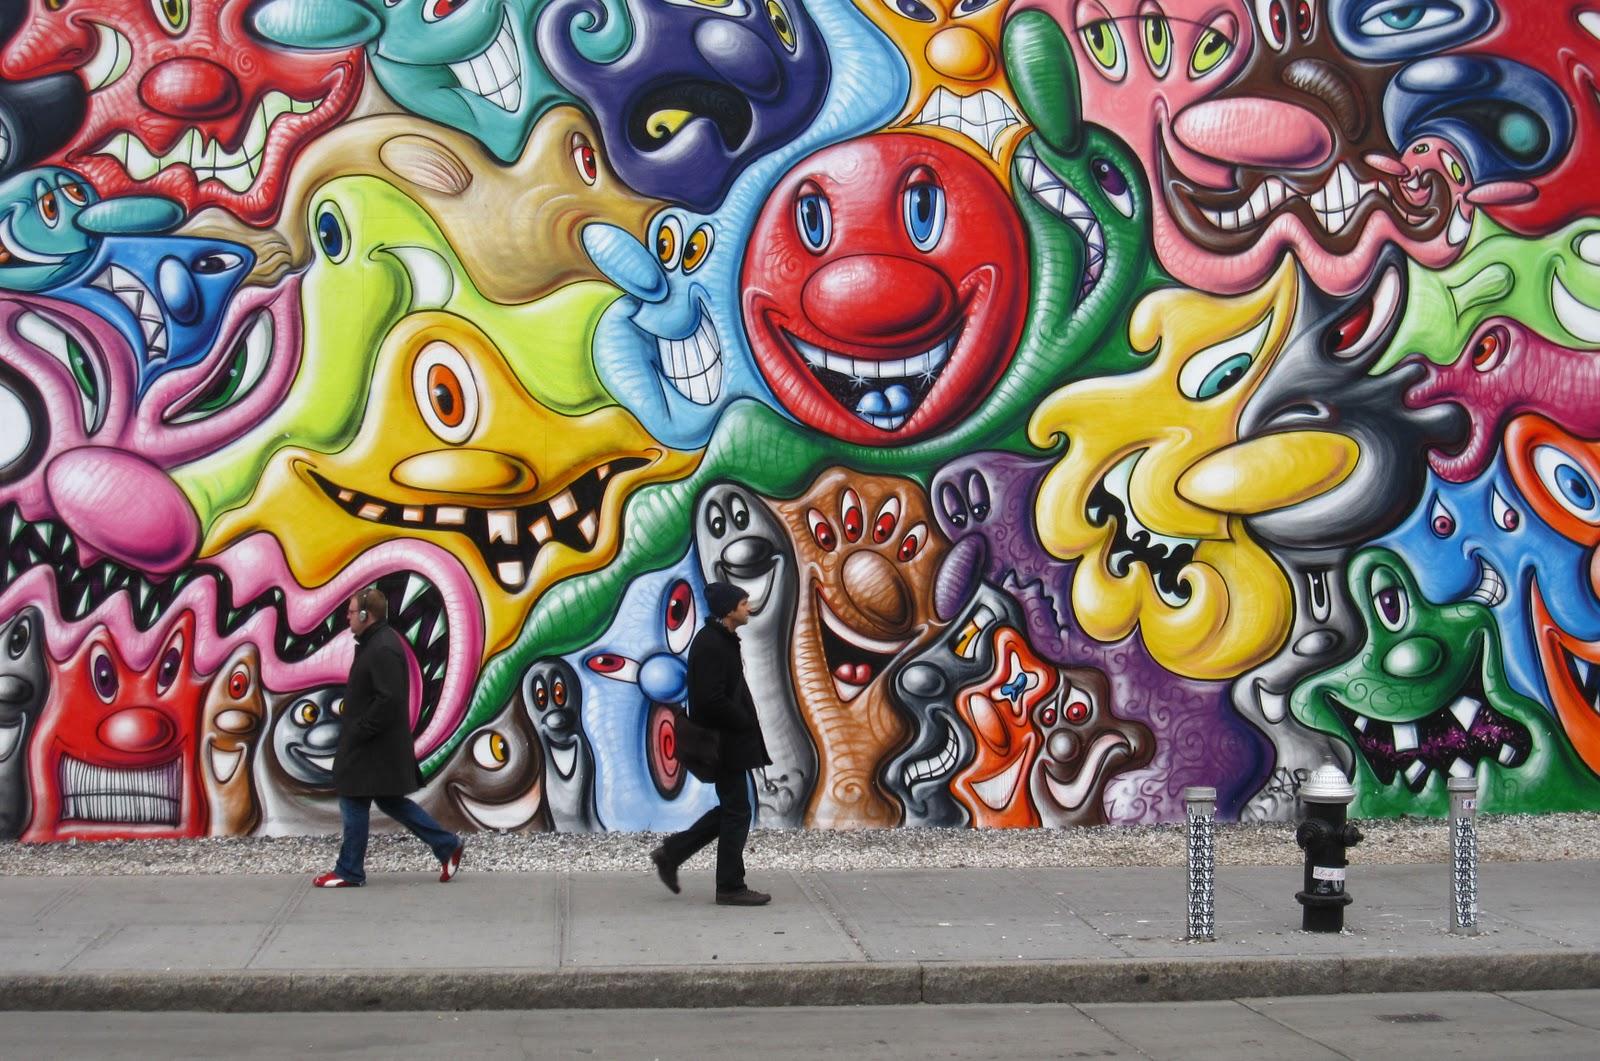 граффити всего мира картинки авито свежие